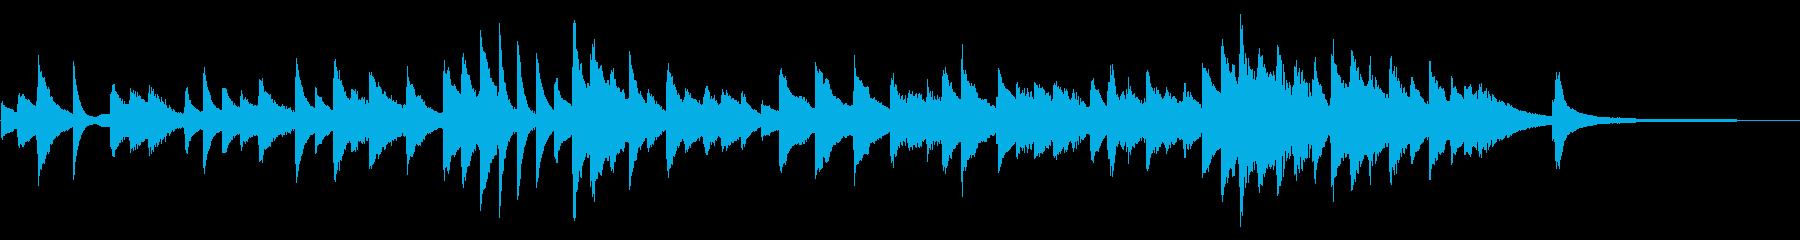 ピアノのみの短い癒しインストの再生済みの波形